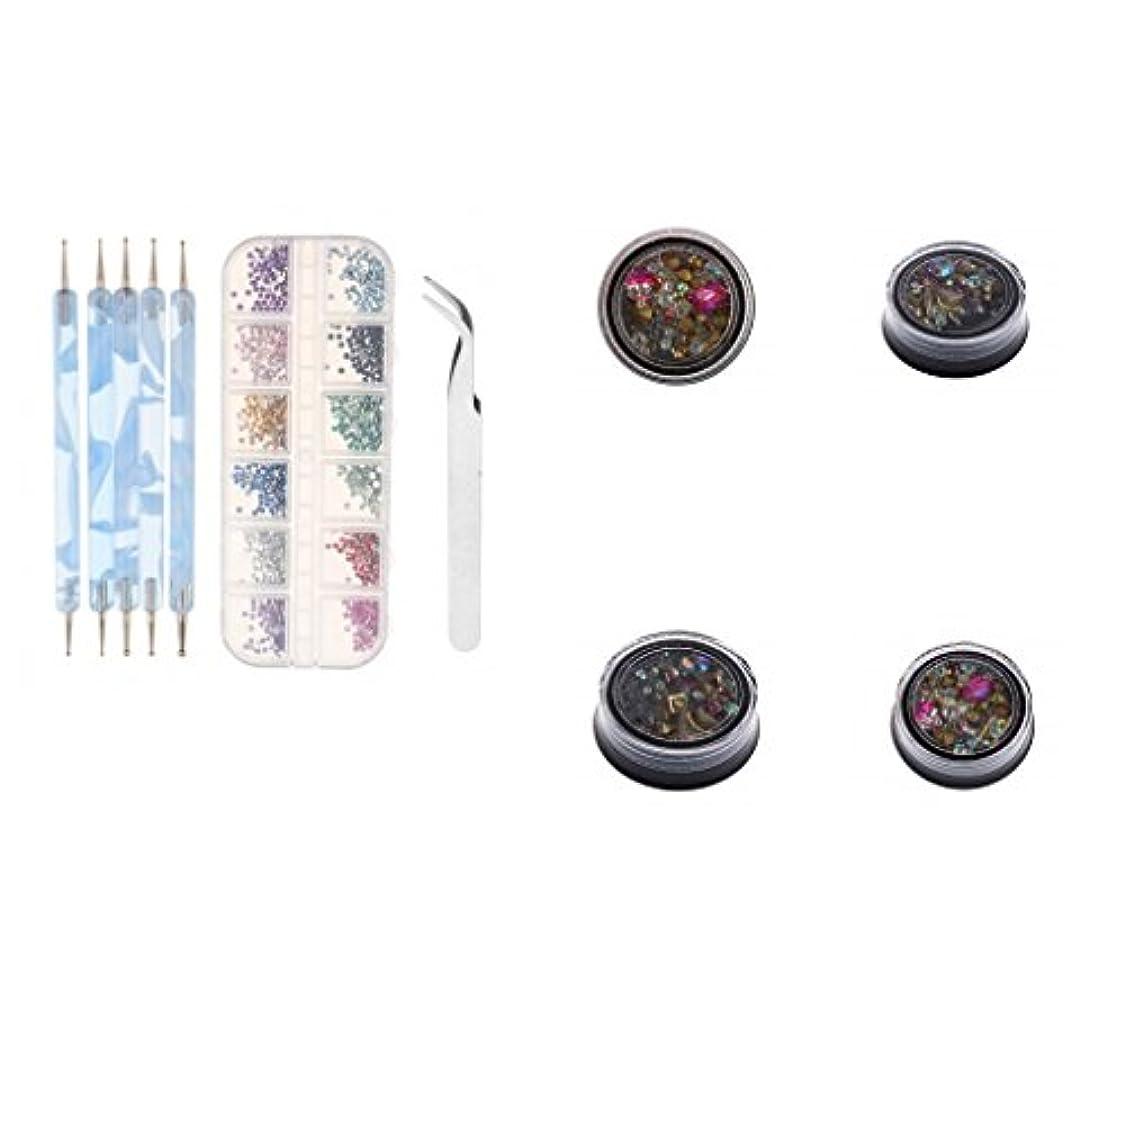 つぶやきペグシロクマCUTICATE 混合色のラインストーン付きの5本のネイルアート点描ペイントブラシペンキラキラのヒント